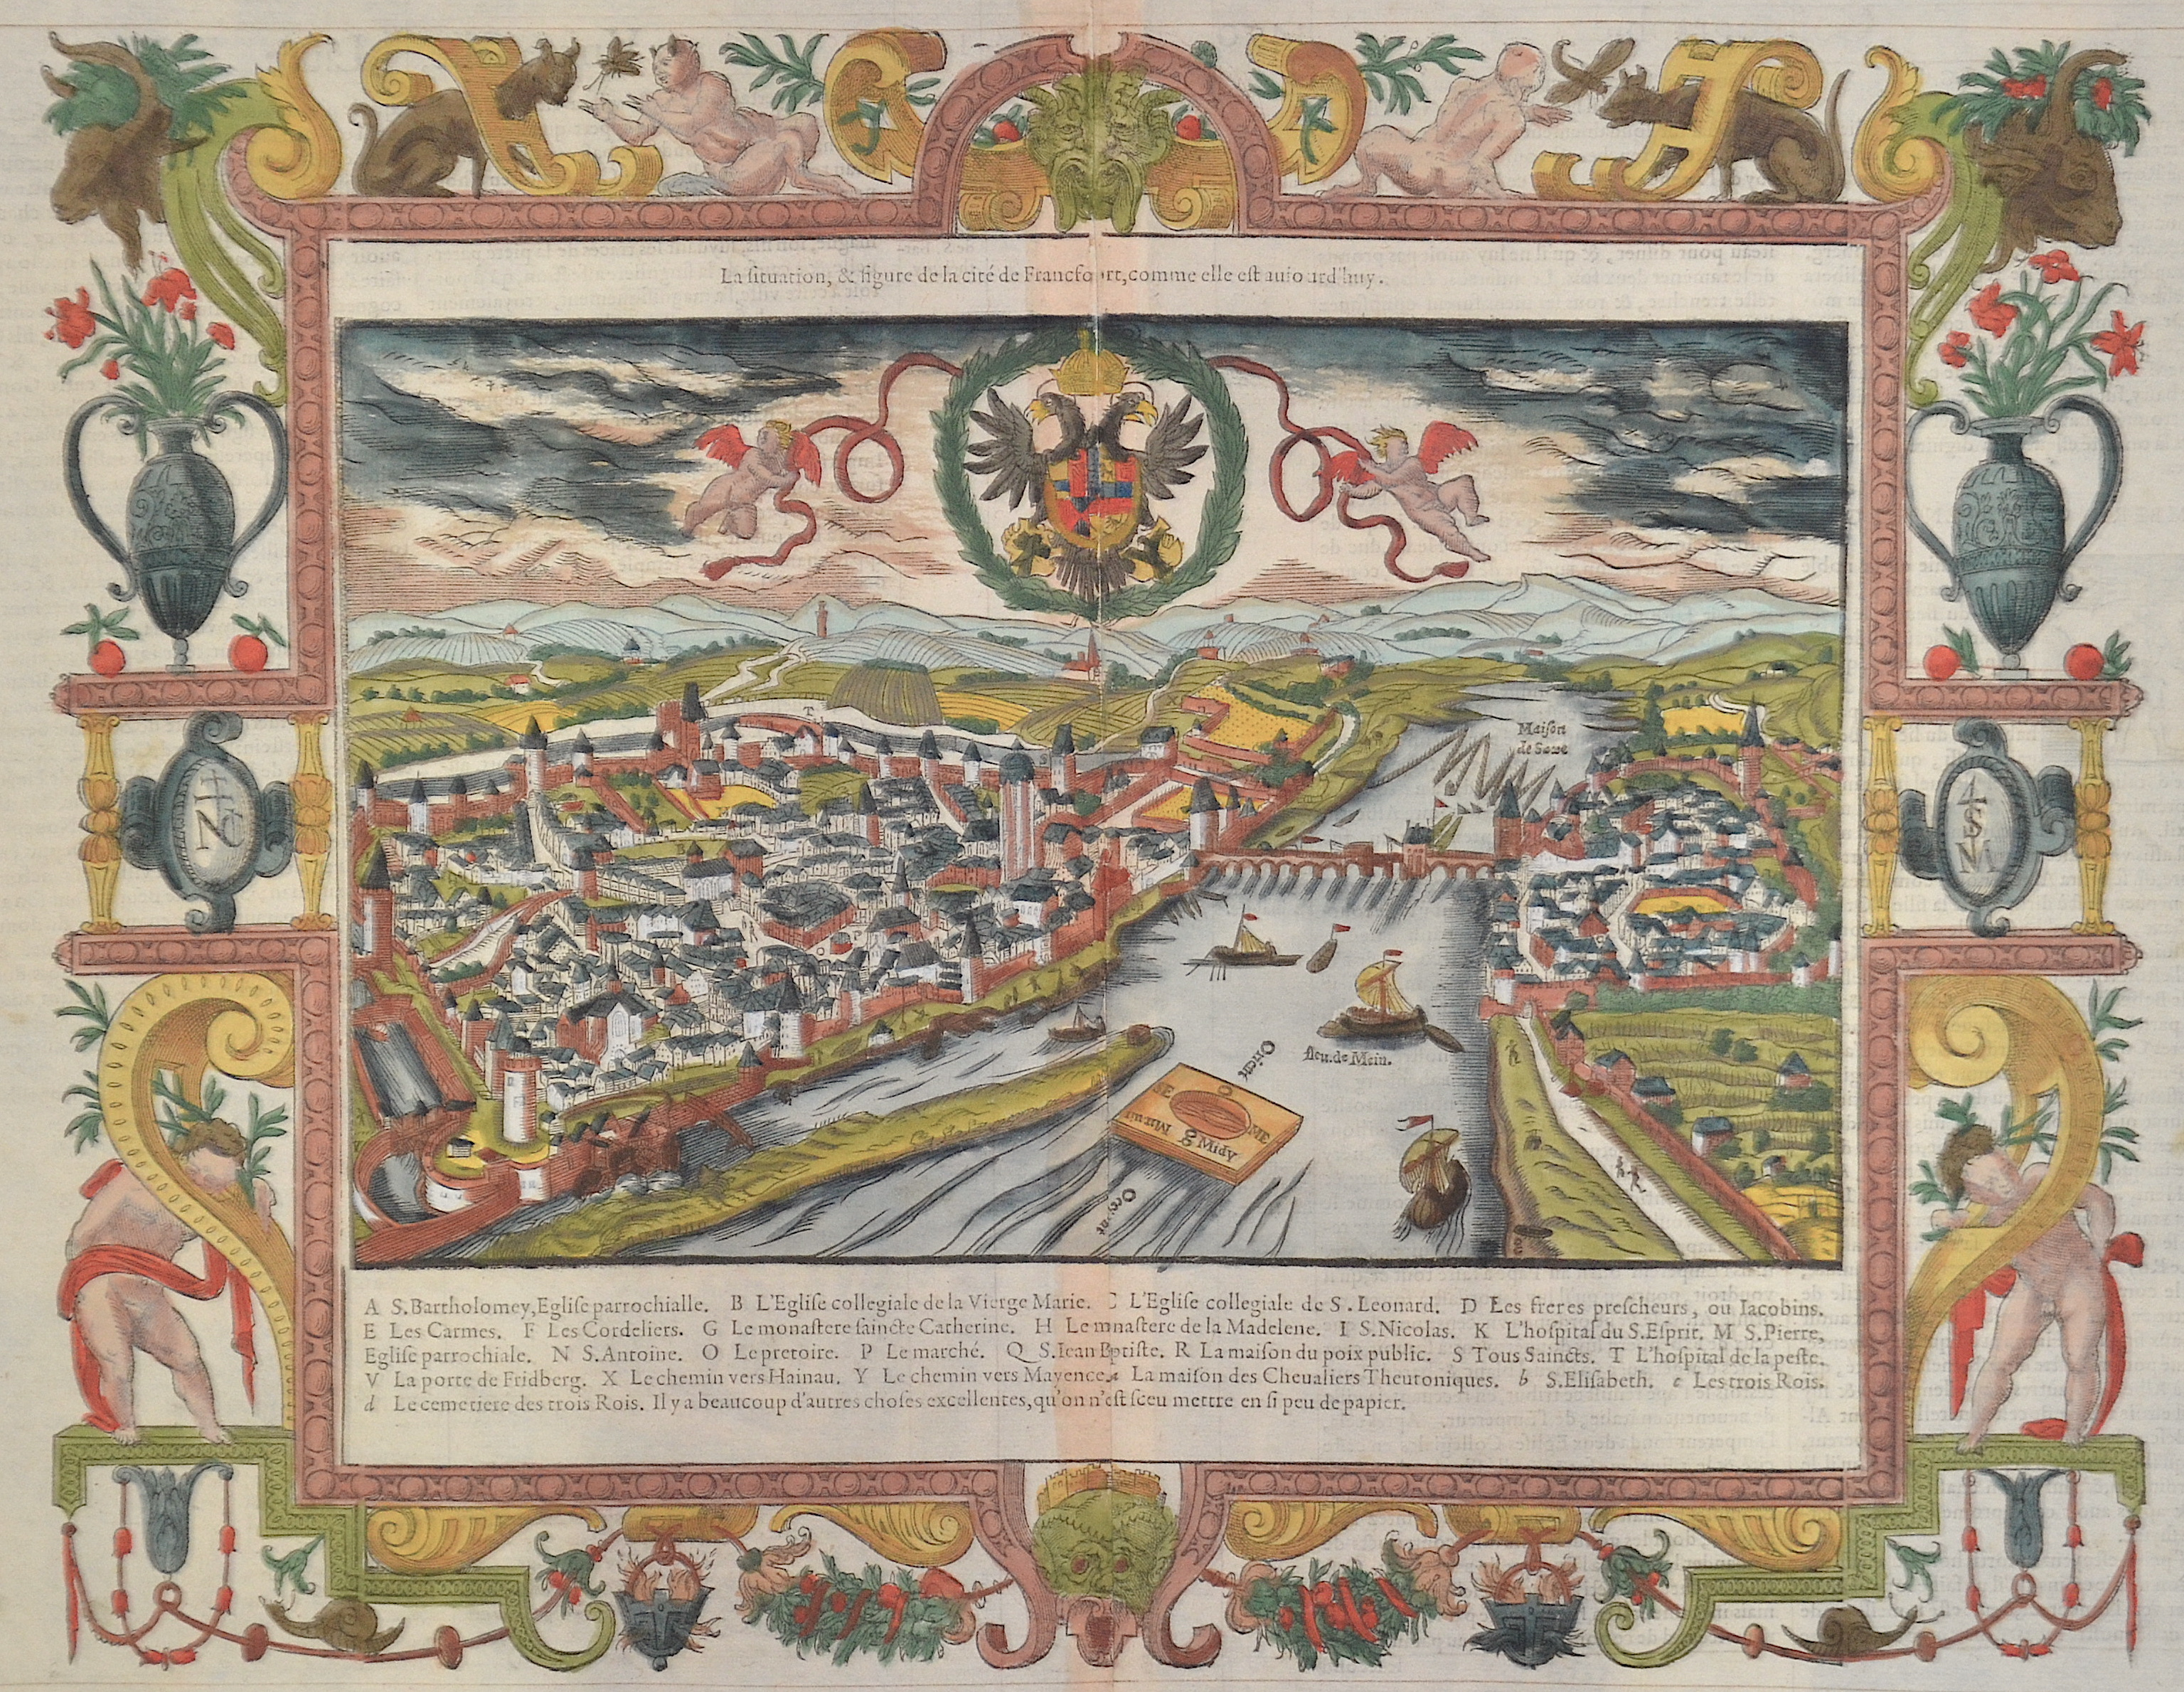 Münster  La situation, et figure de la cité de Francfort, comme elle est auio ard'huy.-